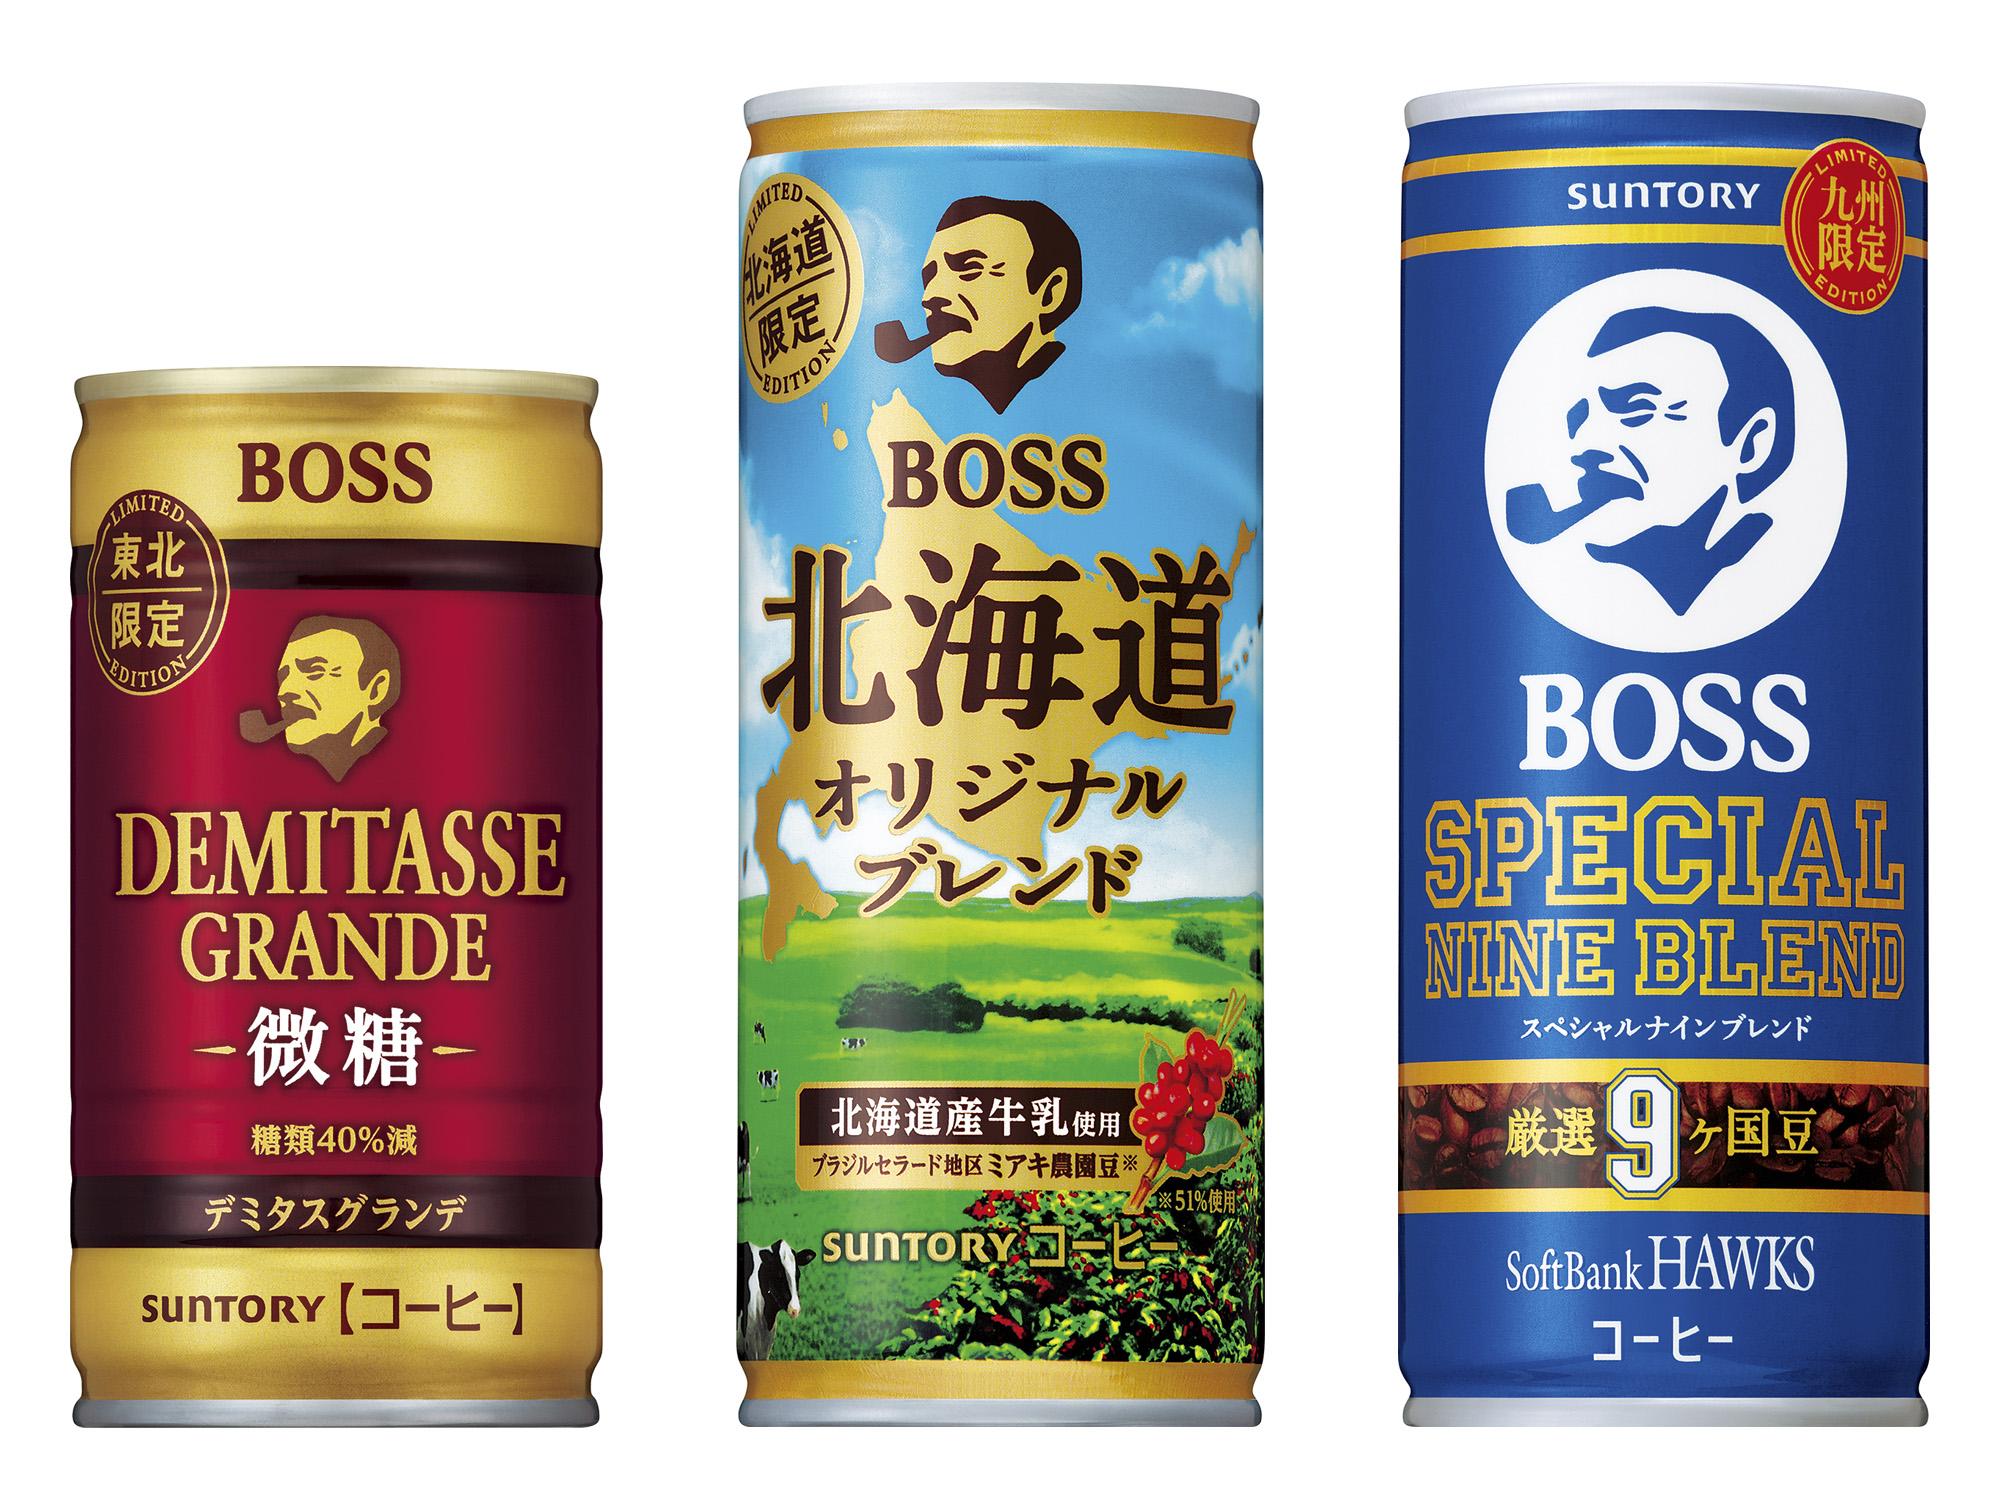 サントリーコーヒー「BOSS」エリ...